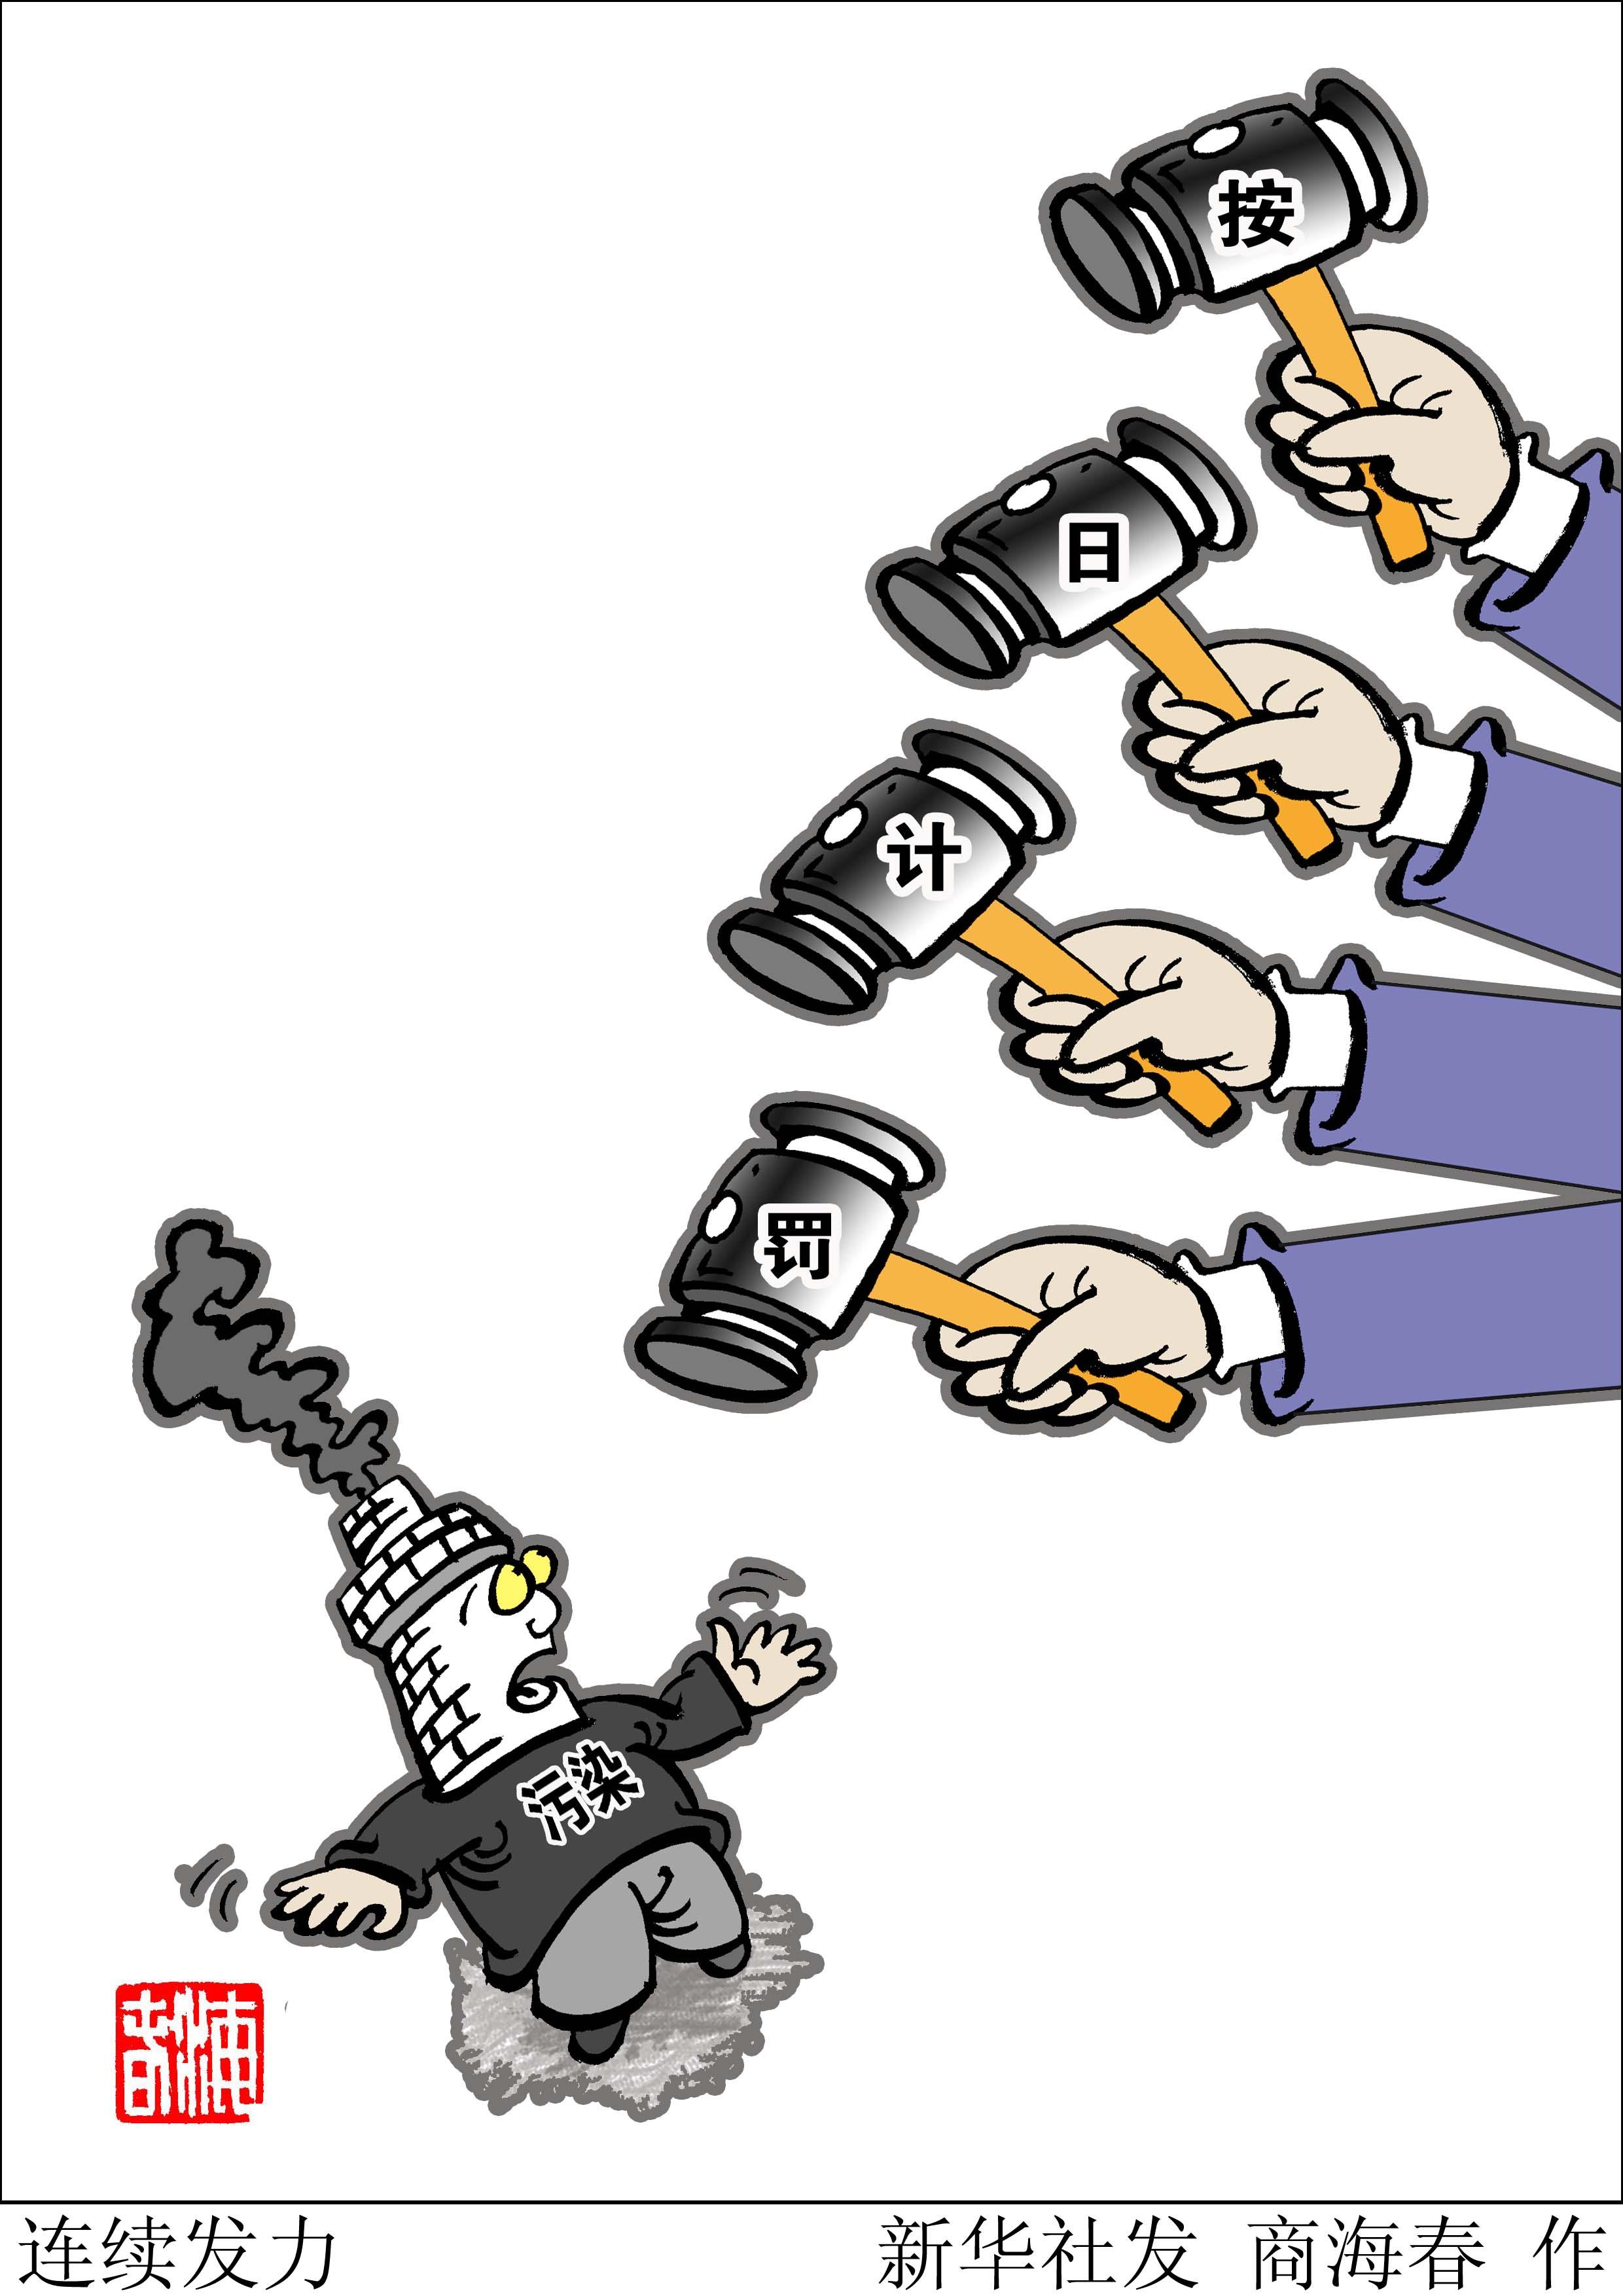 (锐漫画)按日计罚是环保v漫画安装钢牙的第dokuwiki教程露出图片